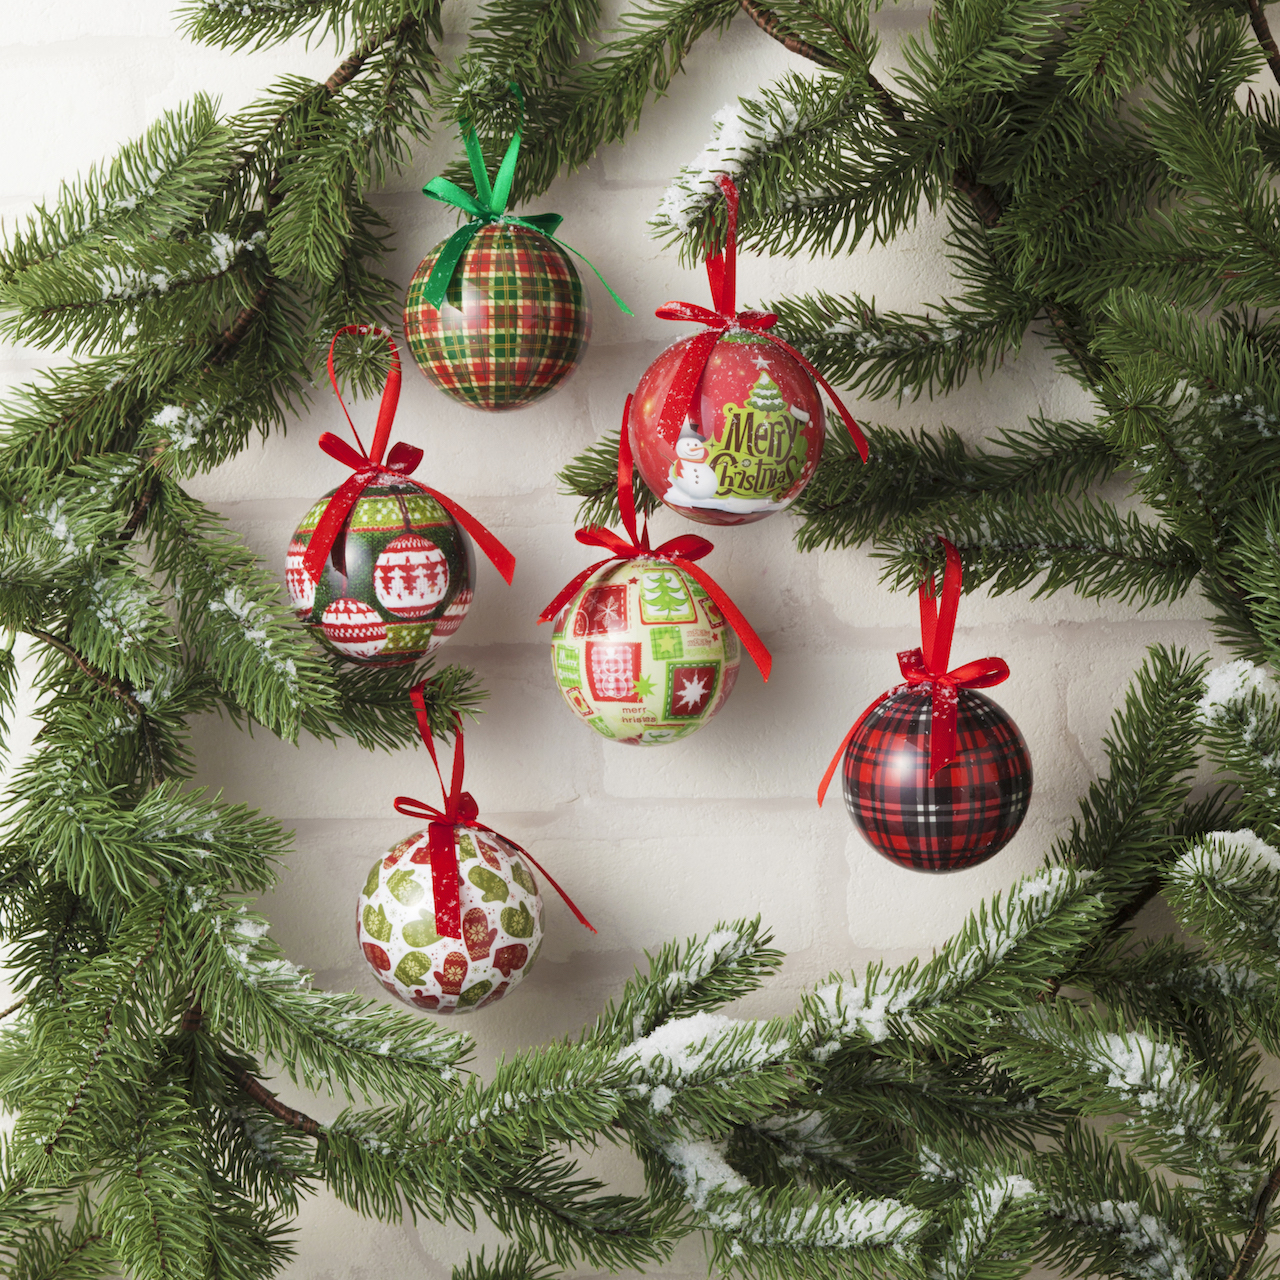 【無料サンプリング】ニトリのクリスマス・第二弾!クリスマスグッズでお部屋を素敵にデコレーションしてくれるユーザーさん大募集!